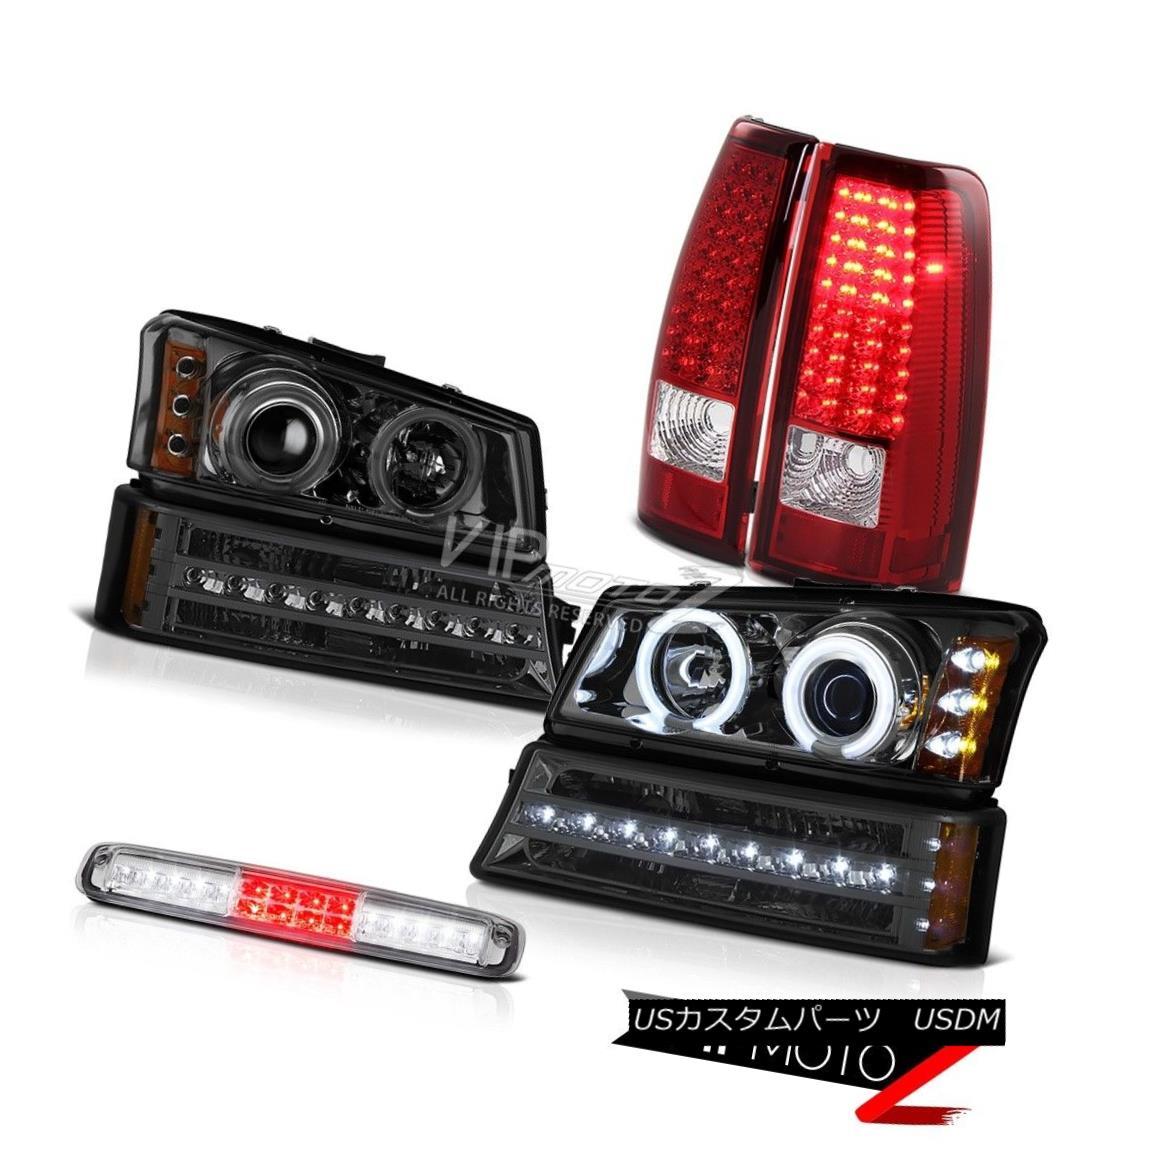 ヘッドライト 03-06 Silverado 2500Hd Chrome 3RD Brake Lamp Smoked Parking Headlights Taillamps 03-06 Silverado 2500Hd Chrome 3RDブレーキランプスモークパーキングヘッドライトタイルランプ